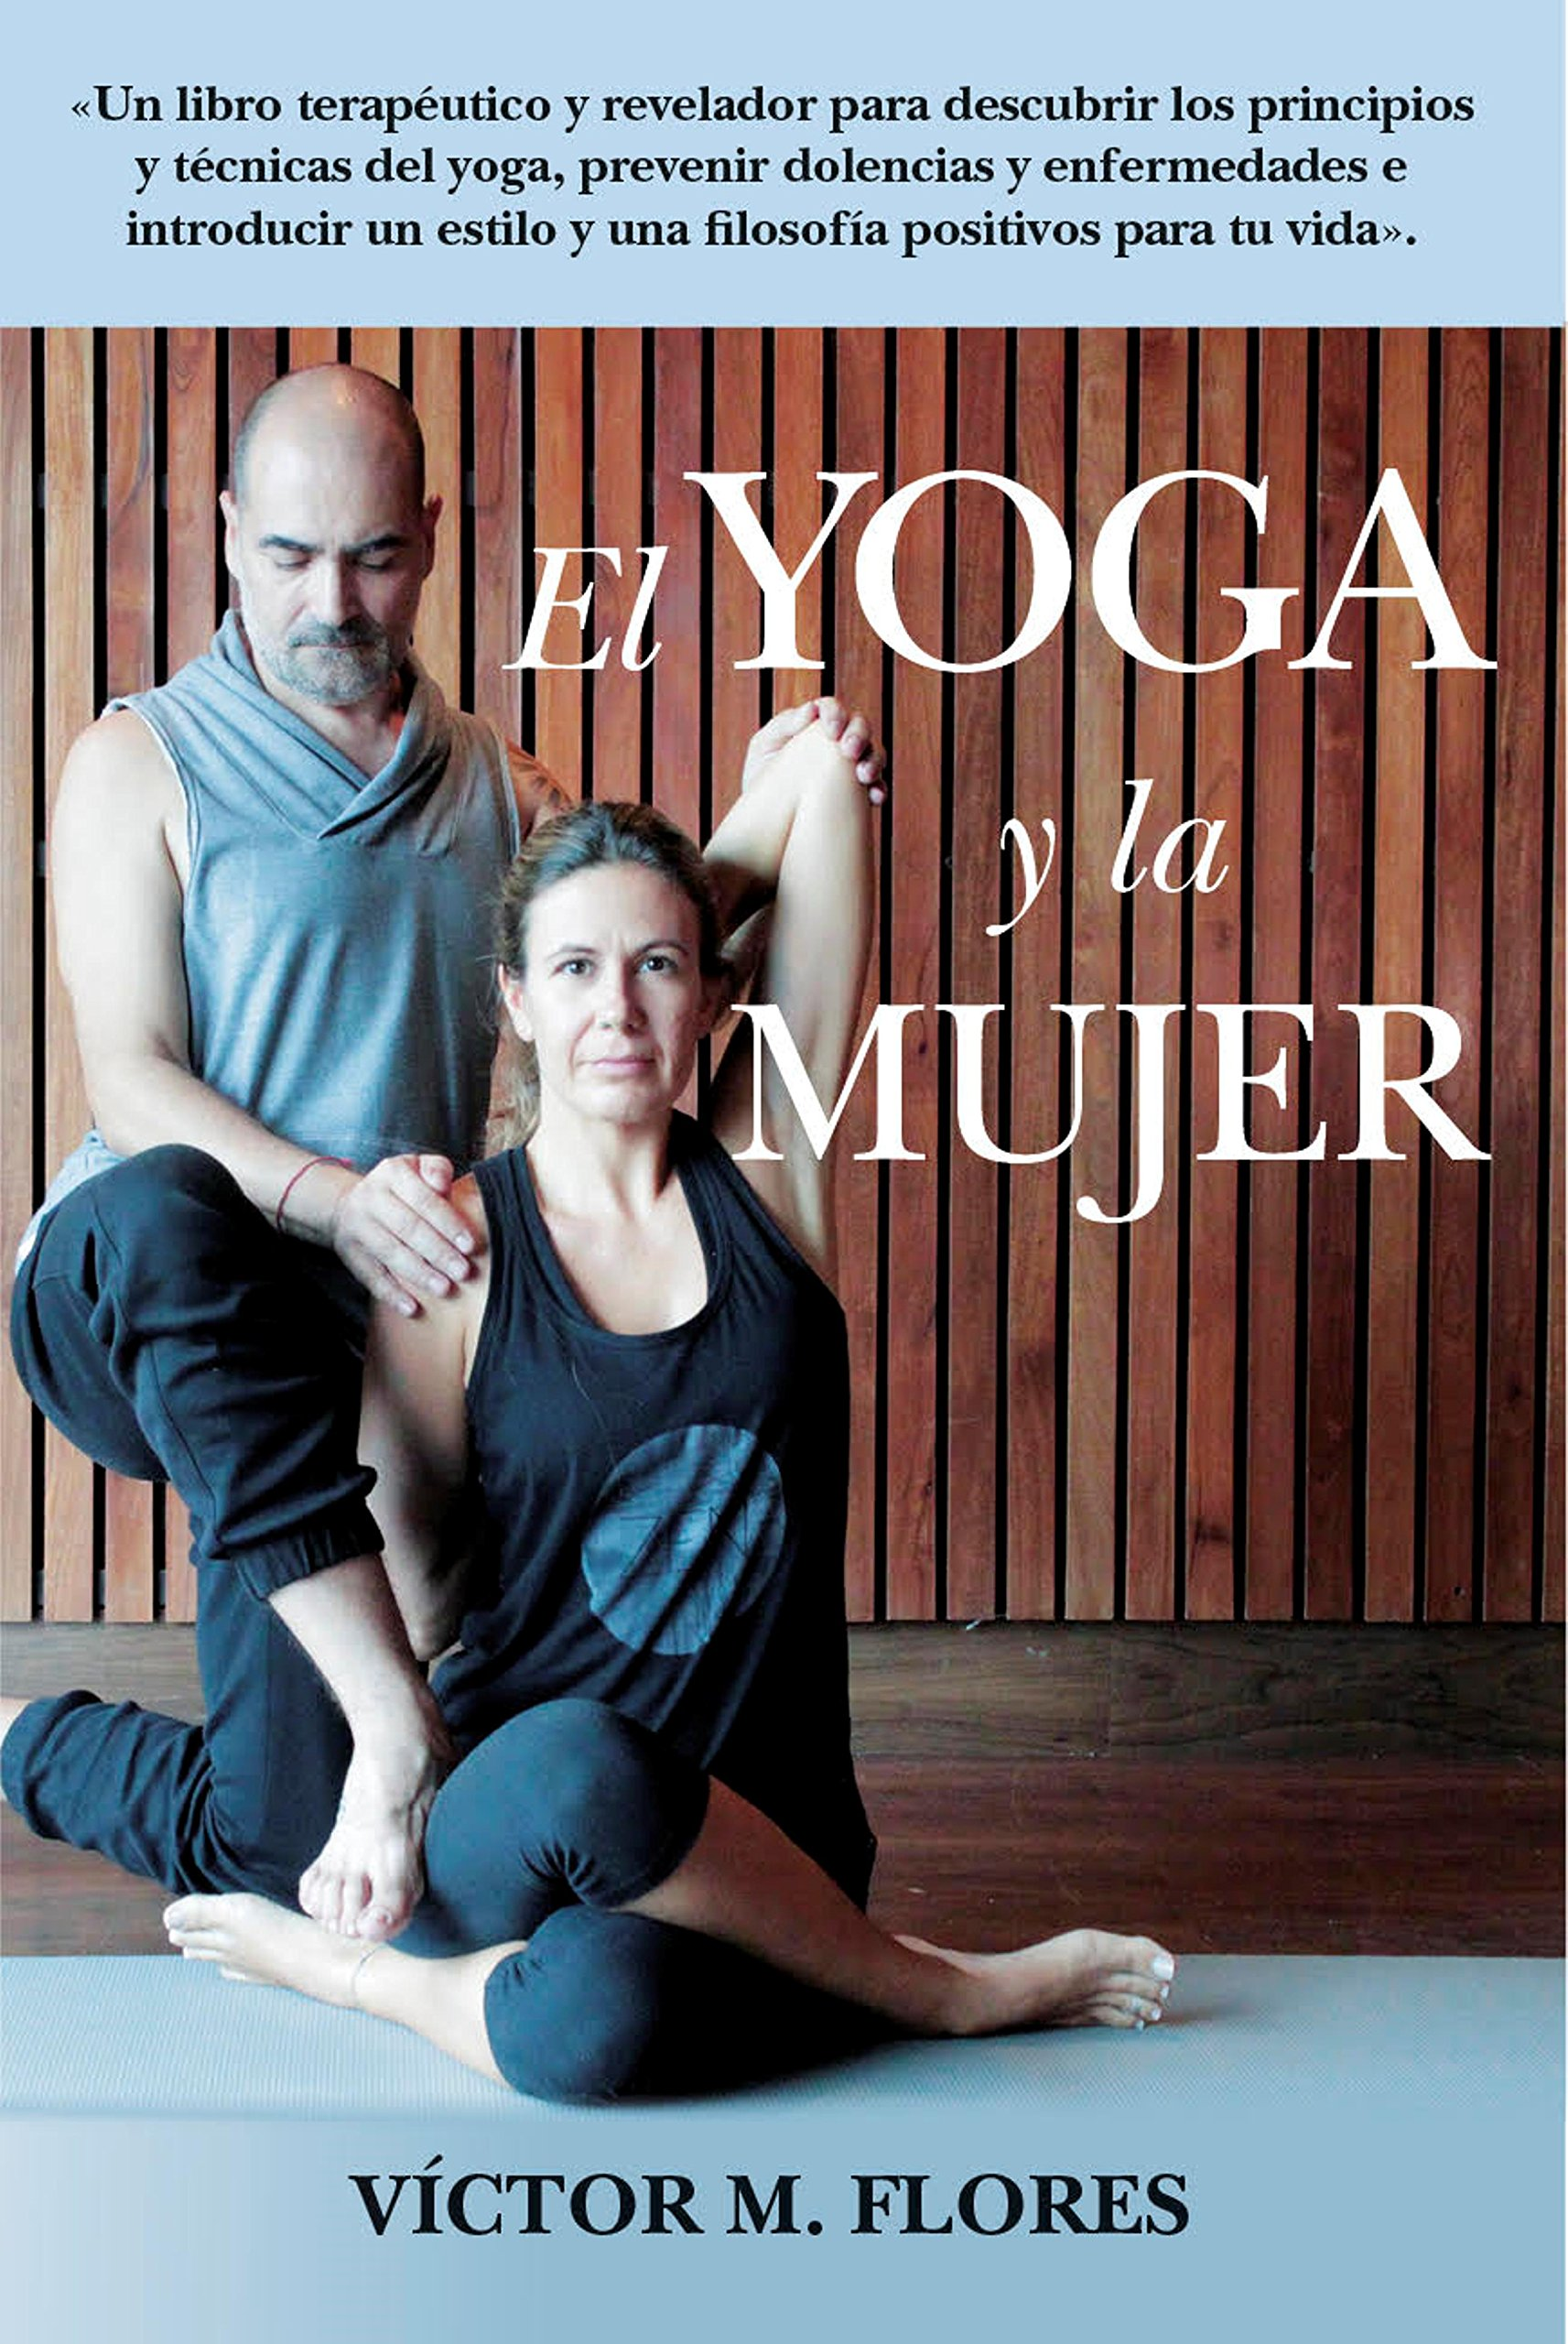 El Yoga y la Mujer (Desarrollo personal): Amazon.es: Víctor ...